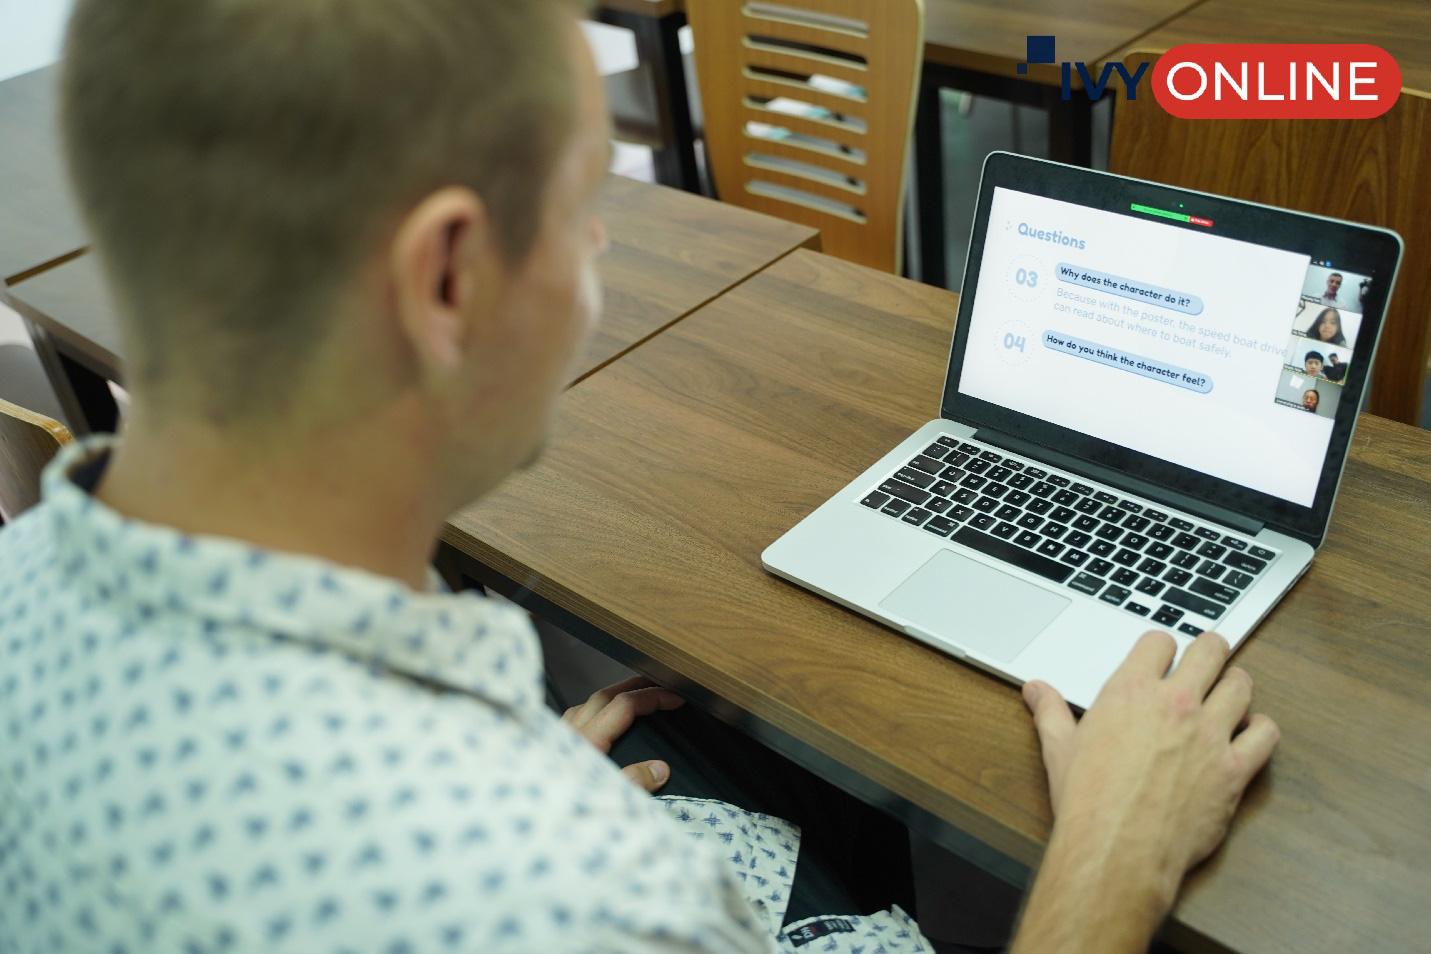 IvyPrep Education ra mắt thương hiệu IvyOnline đào tạo tiếng Anh học thuật và hướng dẫn du học trực tuyến - Ảnh 3.